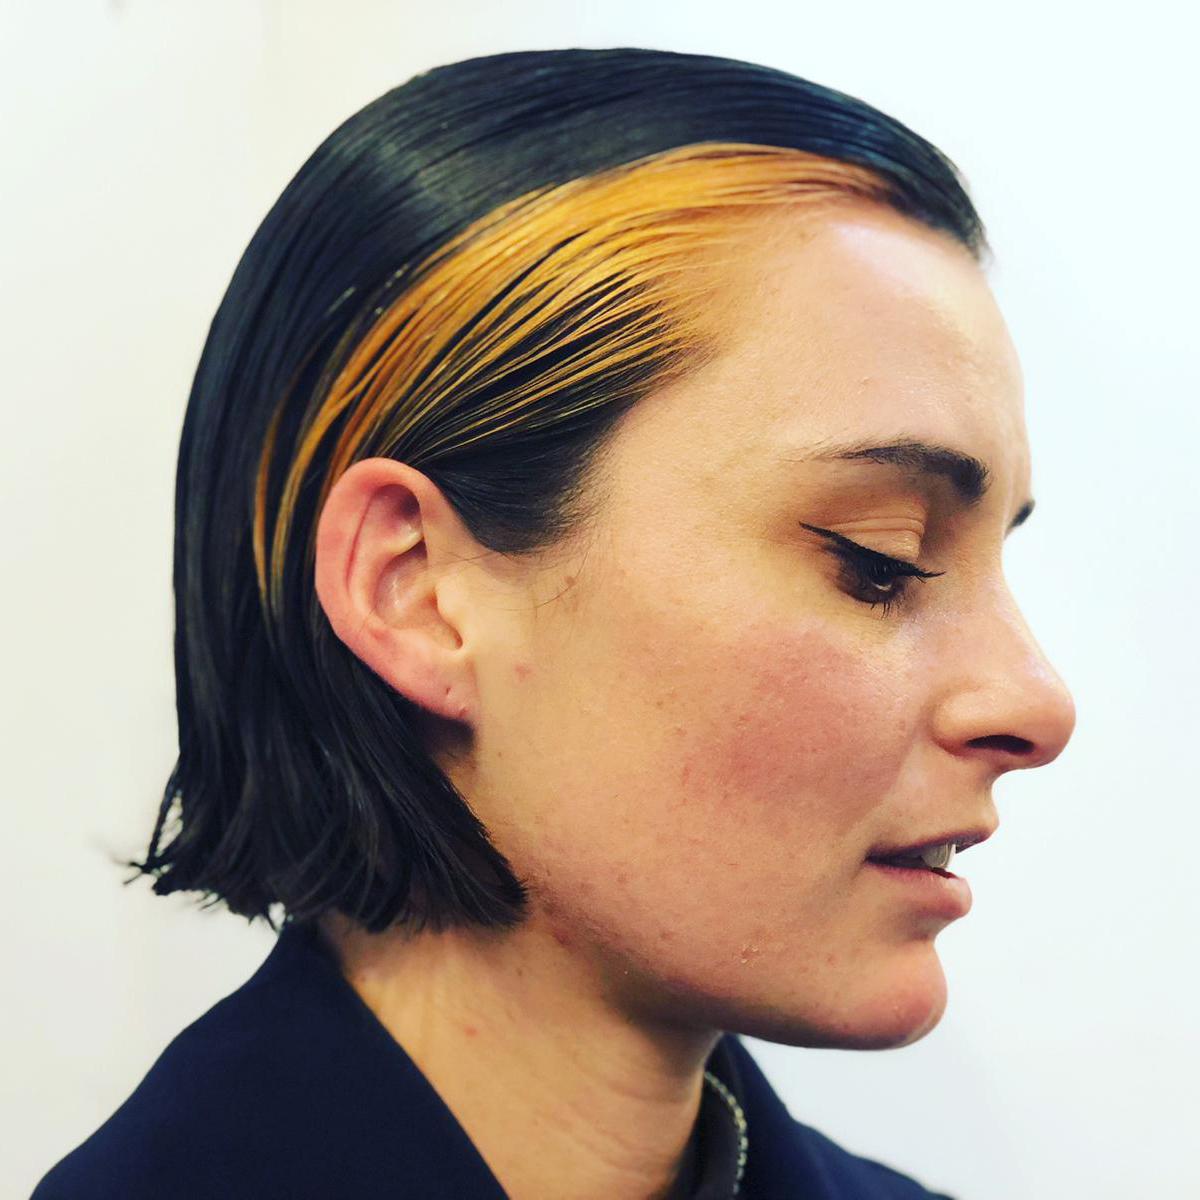 Soho Haircut Headshot #4